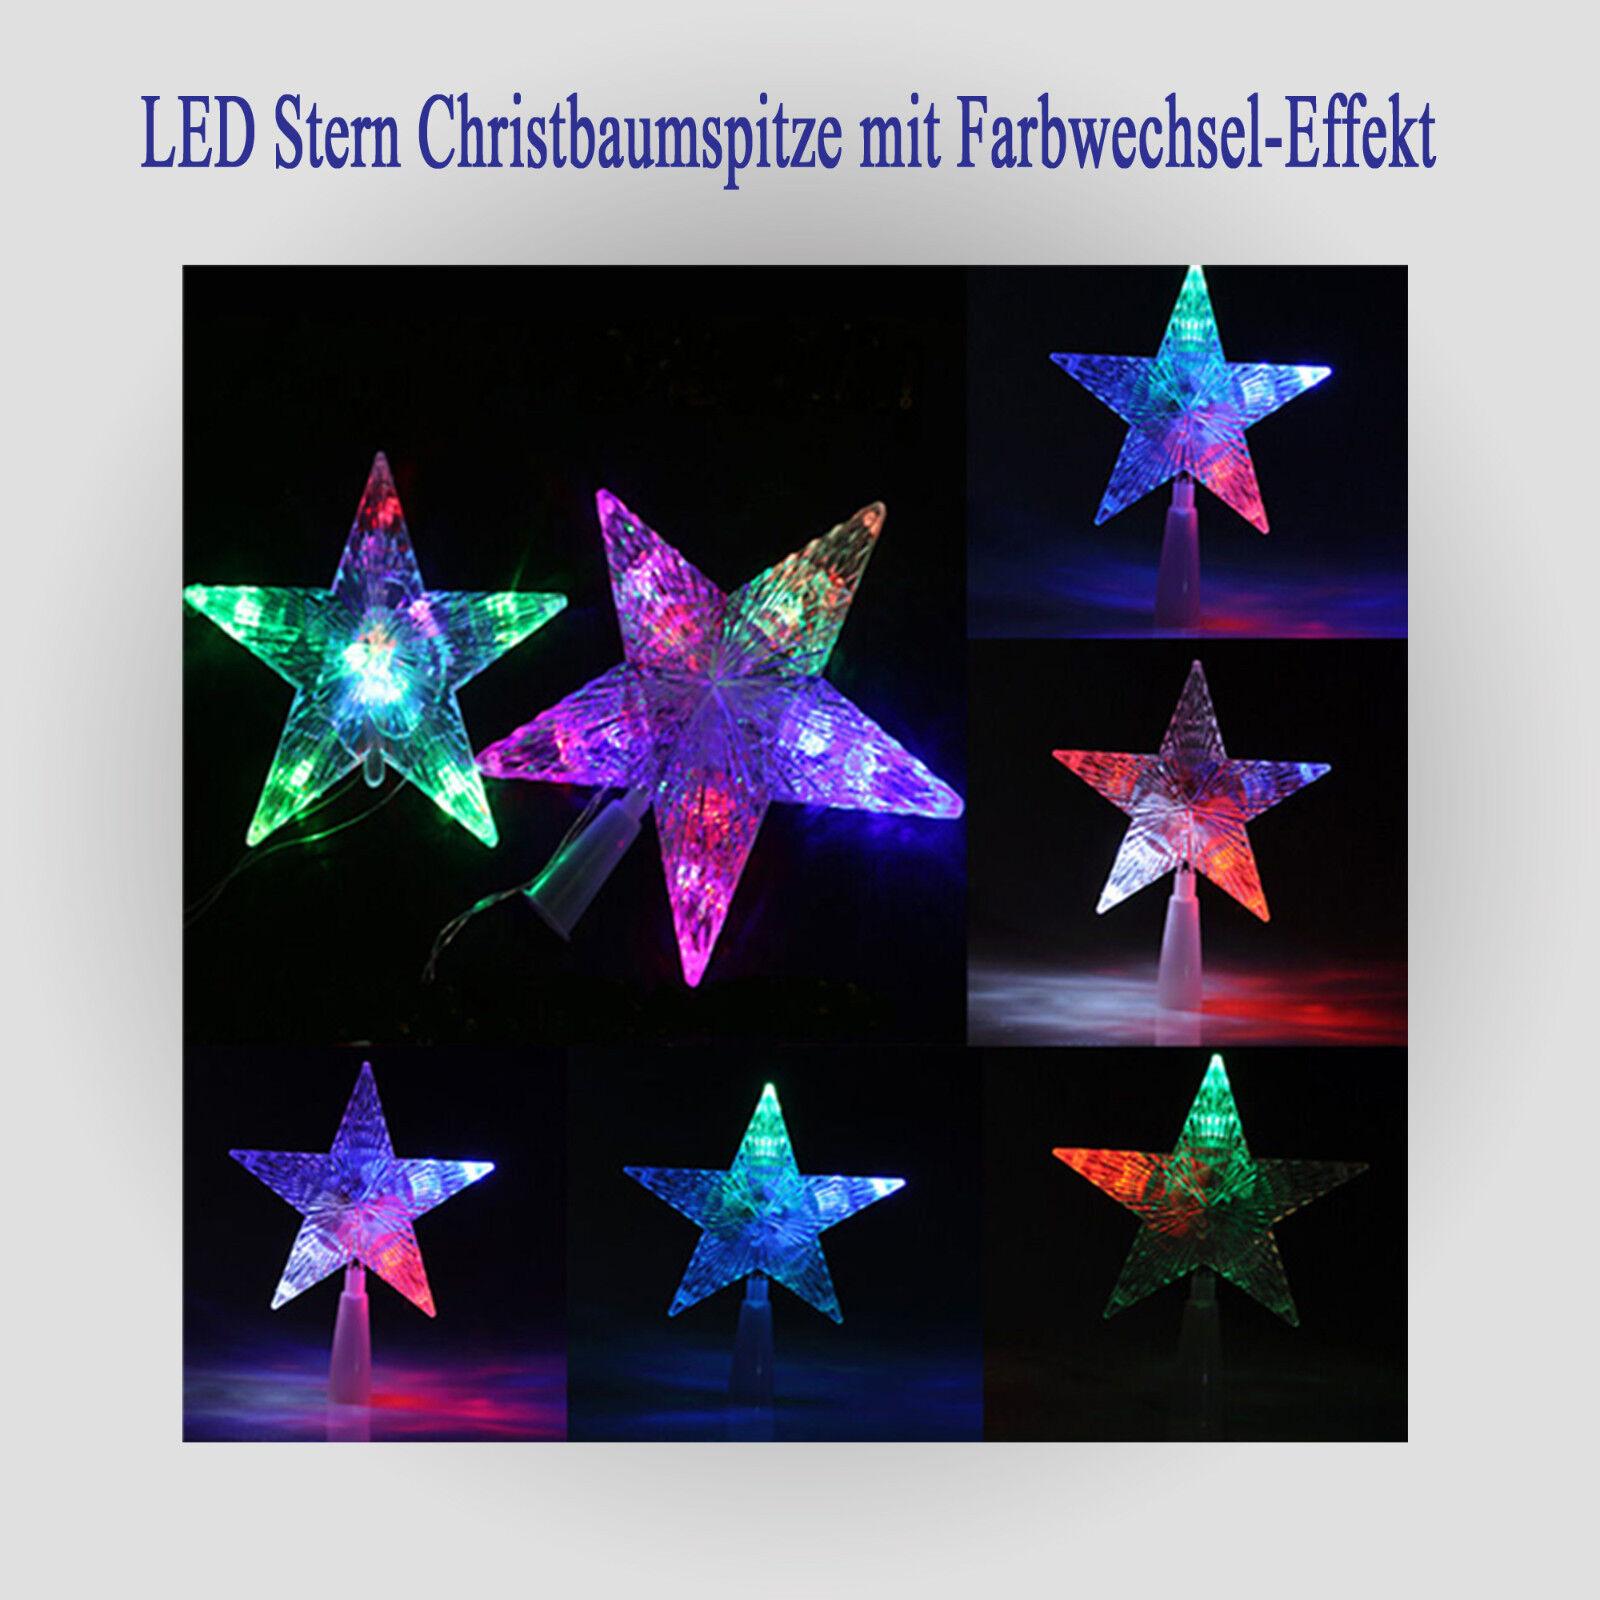 Stern weihnachten tannenbaum spitze dekostern weihnachtsdekoration baumspitze ebay - Led baumspitze stern ...